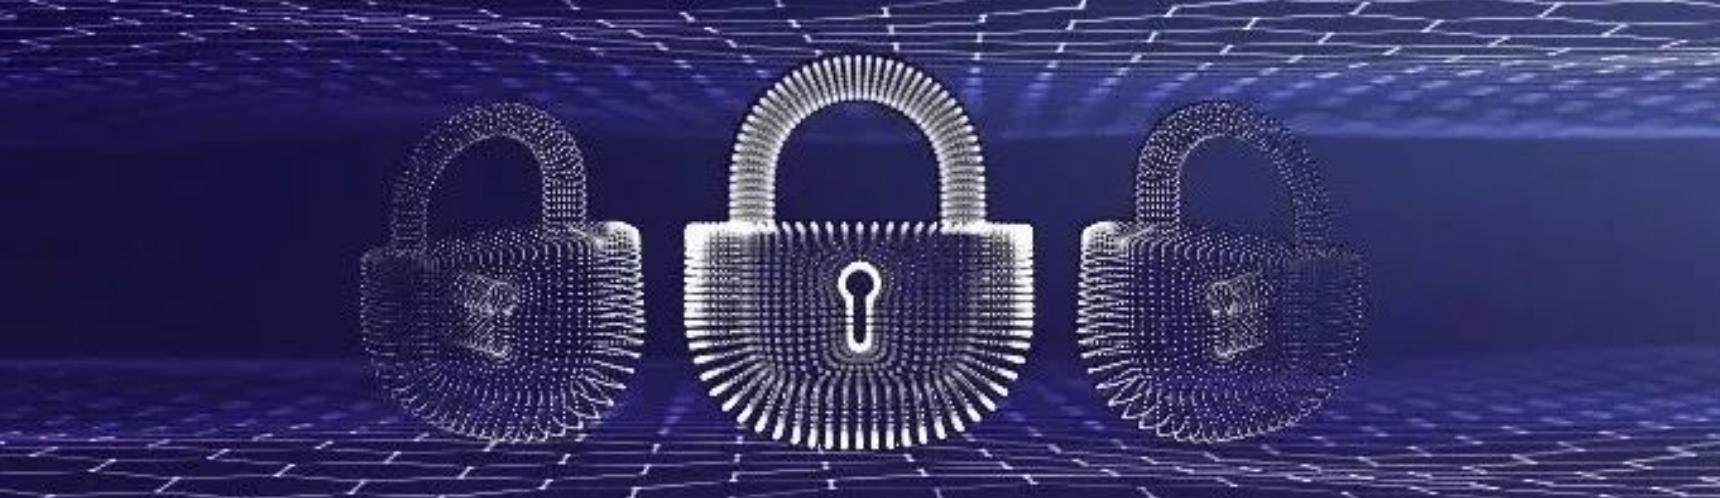 将SAP迁移到云:5个安全注意事项